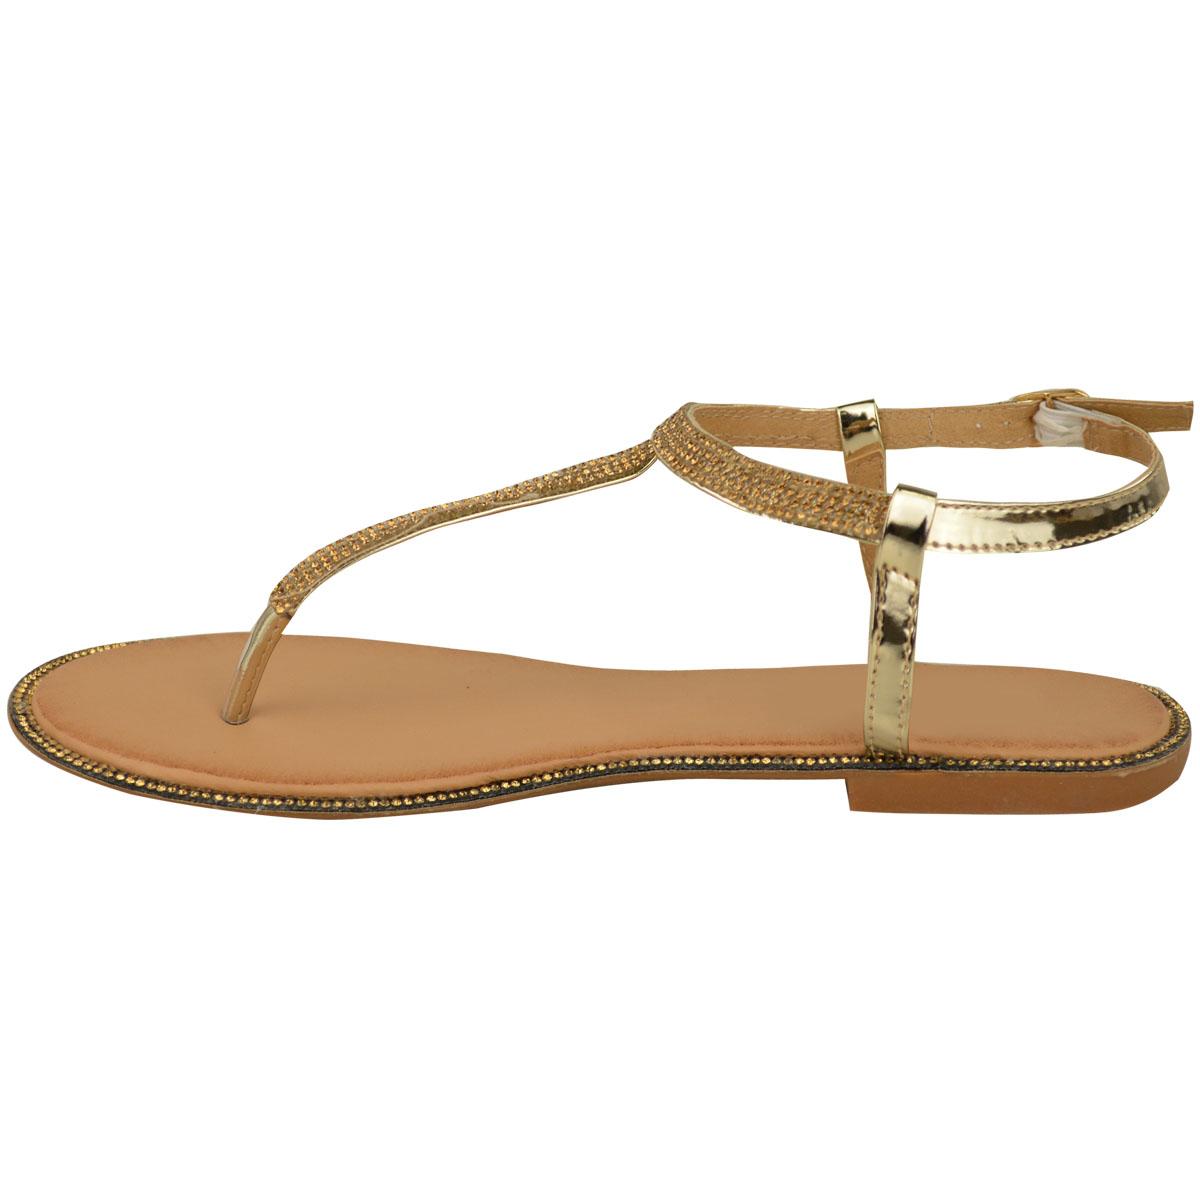 Para mujeres Damas Sandalias Planas Con Tiras Diamante Verano Toe Post Vacaciones Zapatos Talla